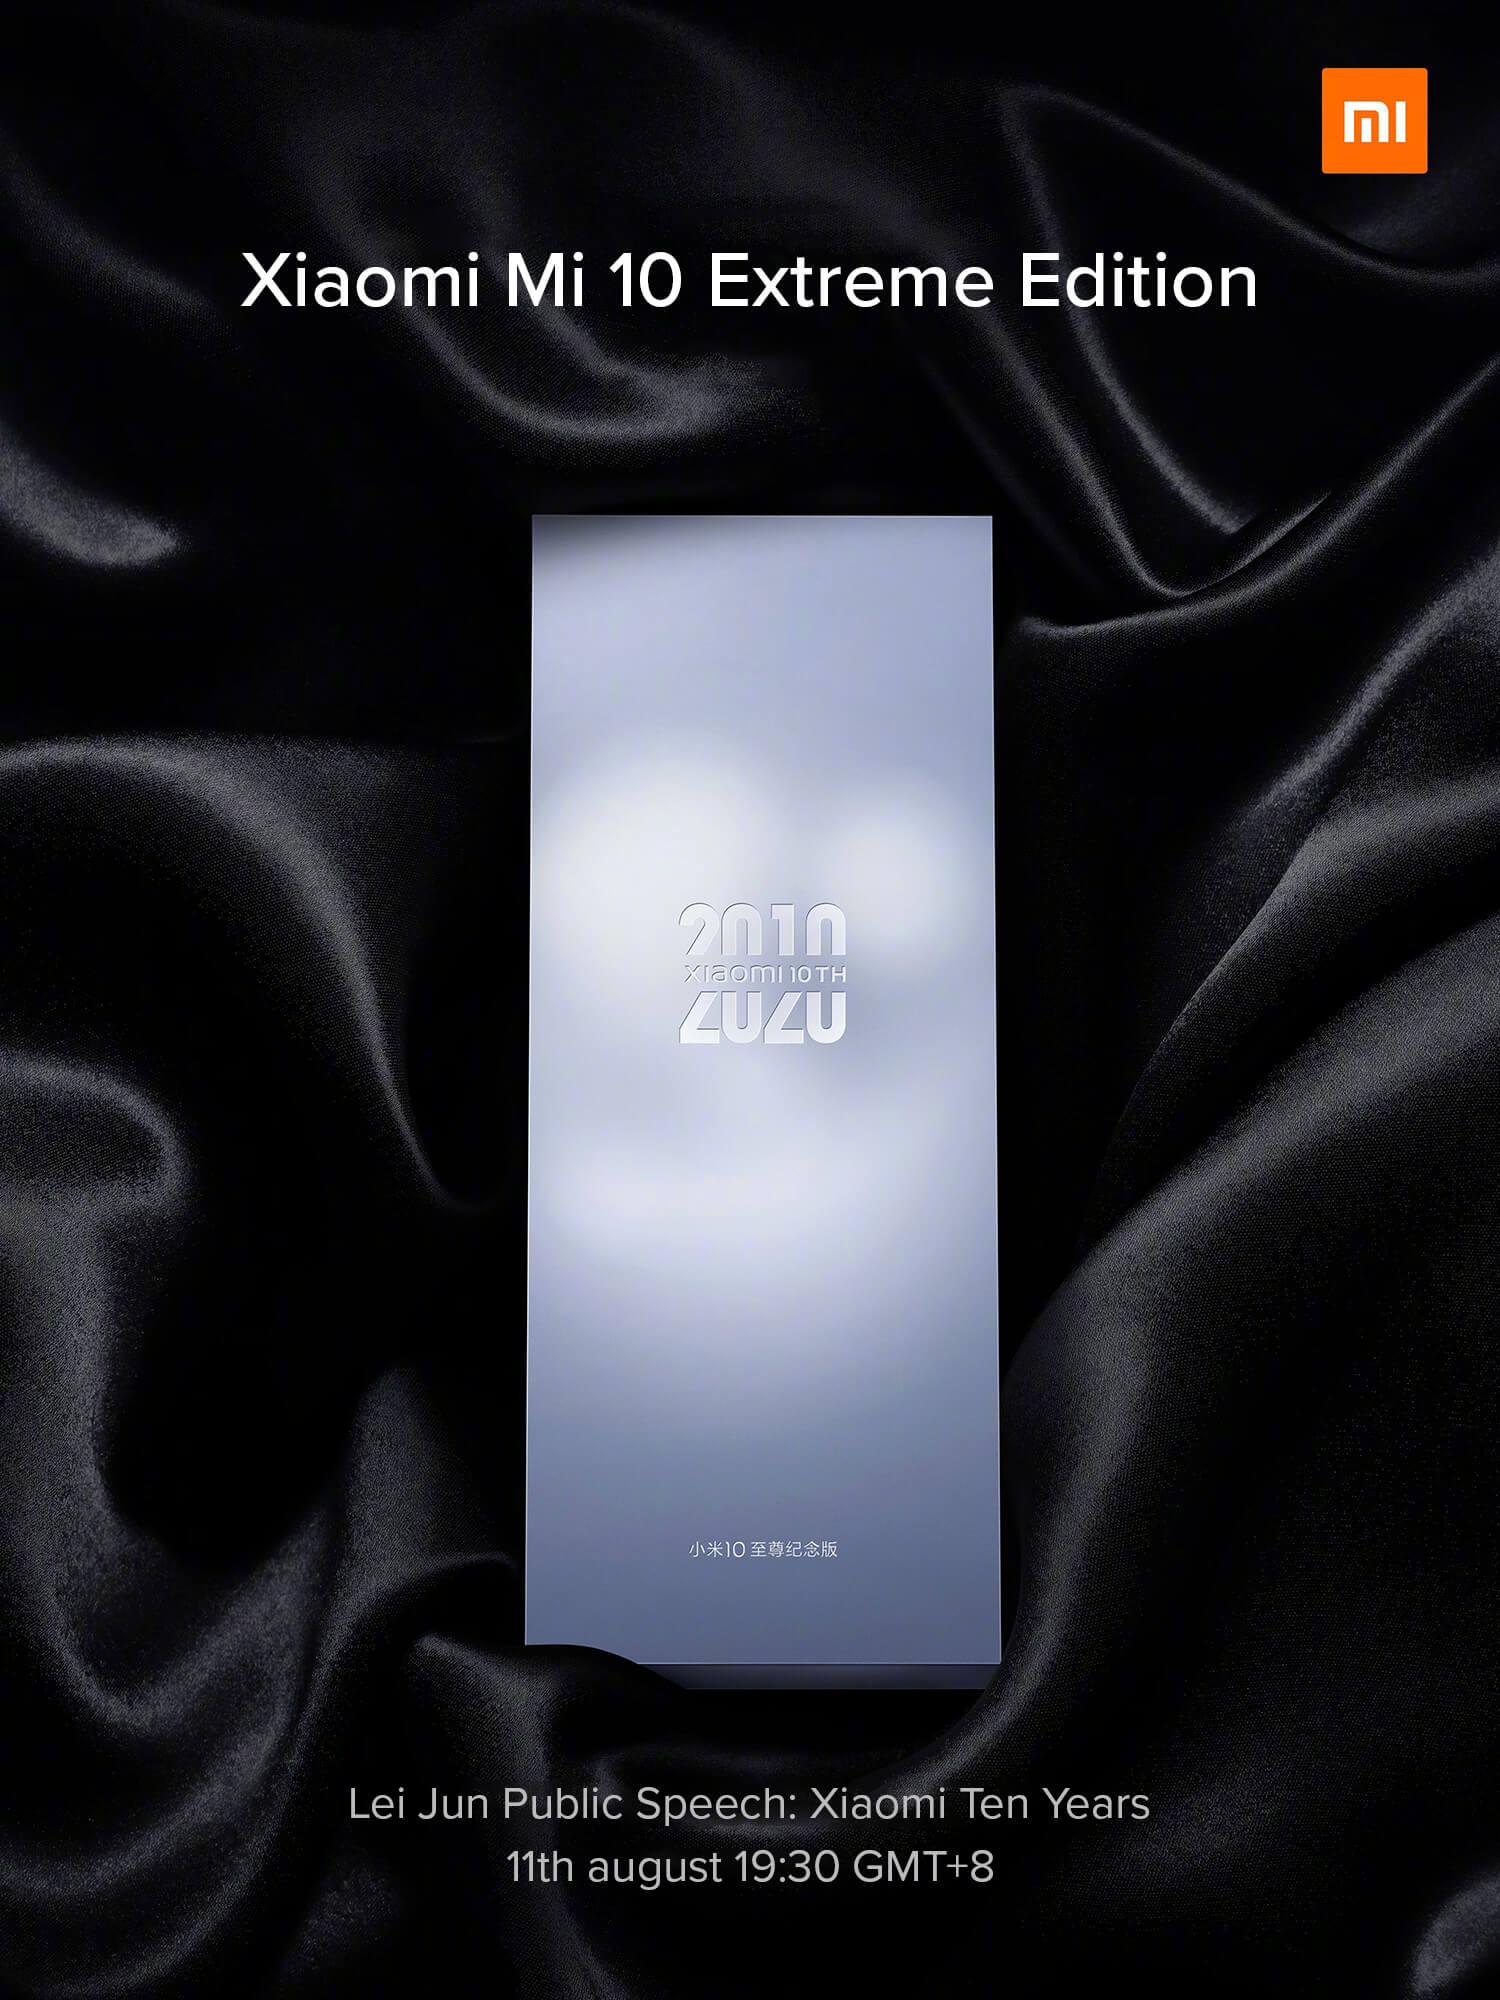 xiaomi mi 10 extreme